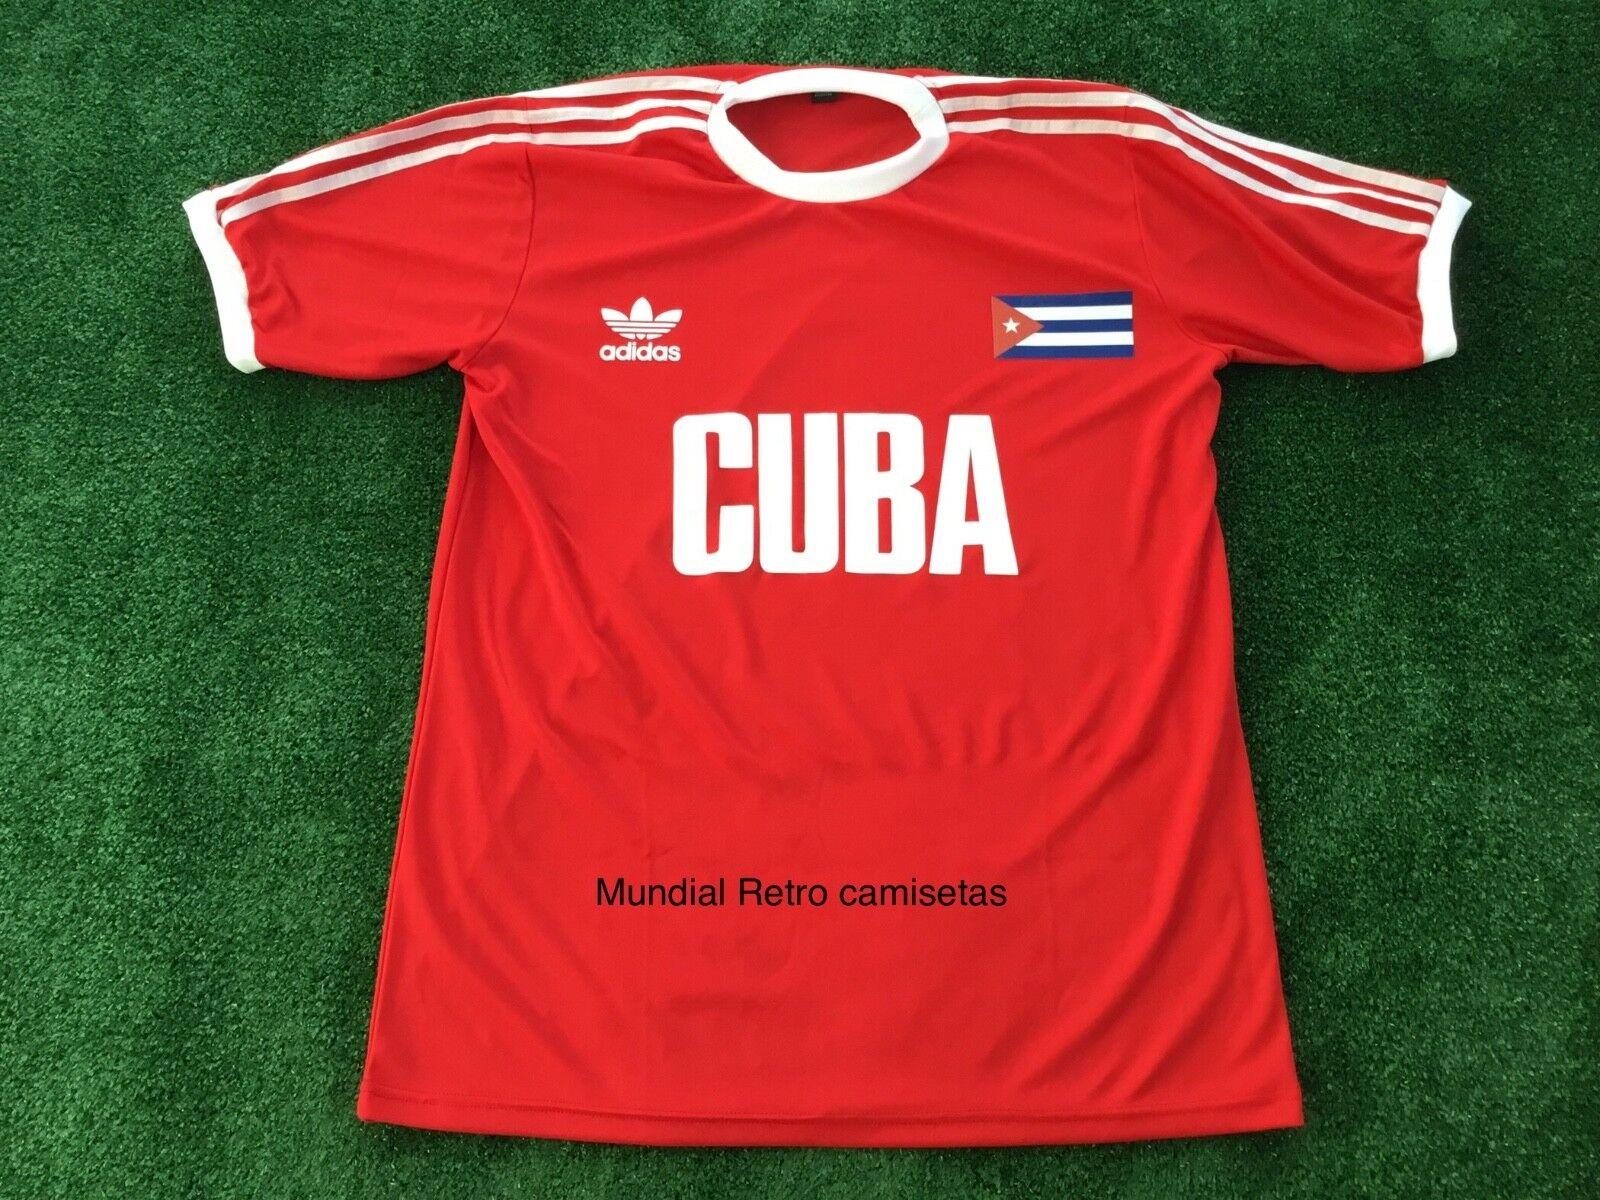 Cuba Fidel Castro che guevara jersey camiseta (replica)